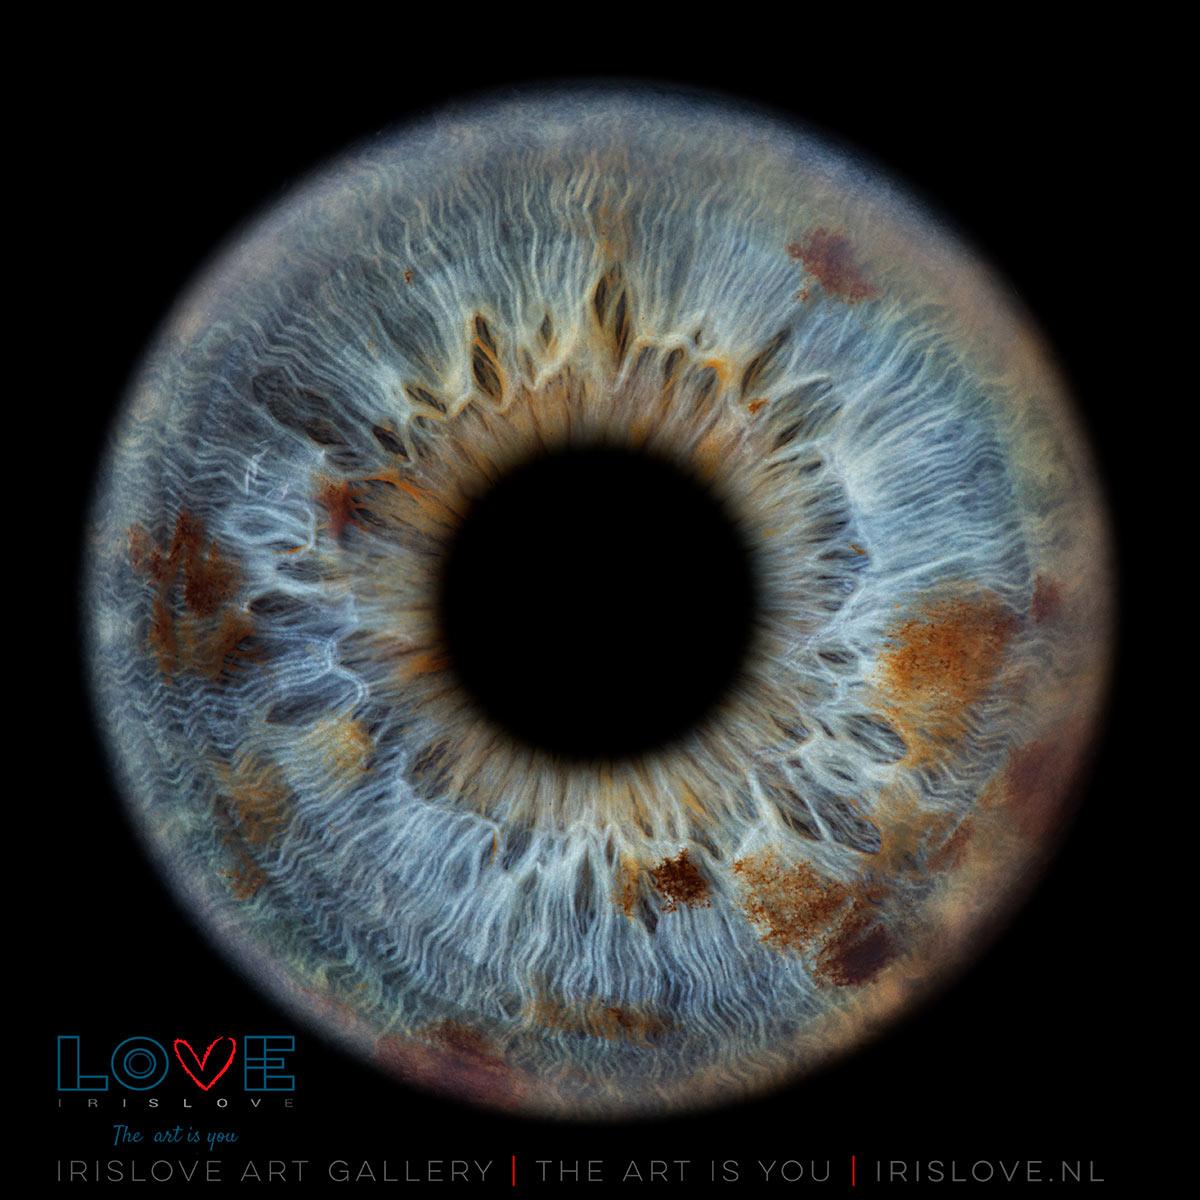 bruine ogen blauwe ogen